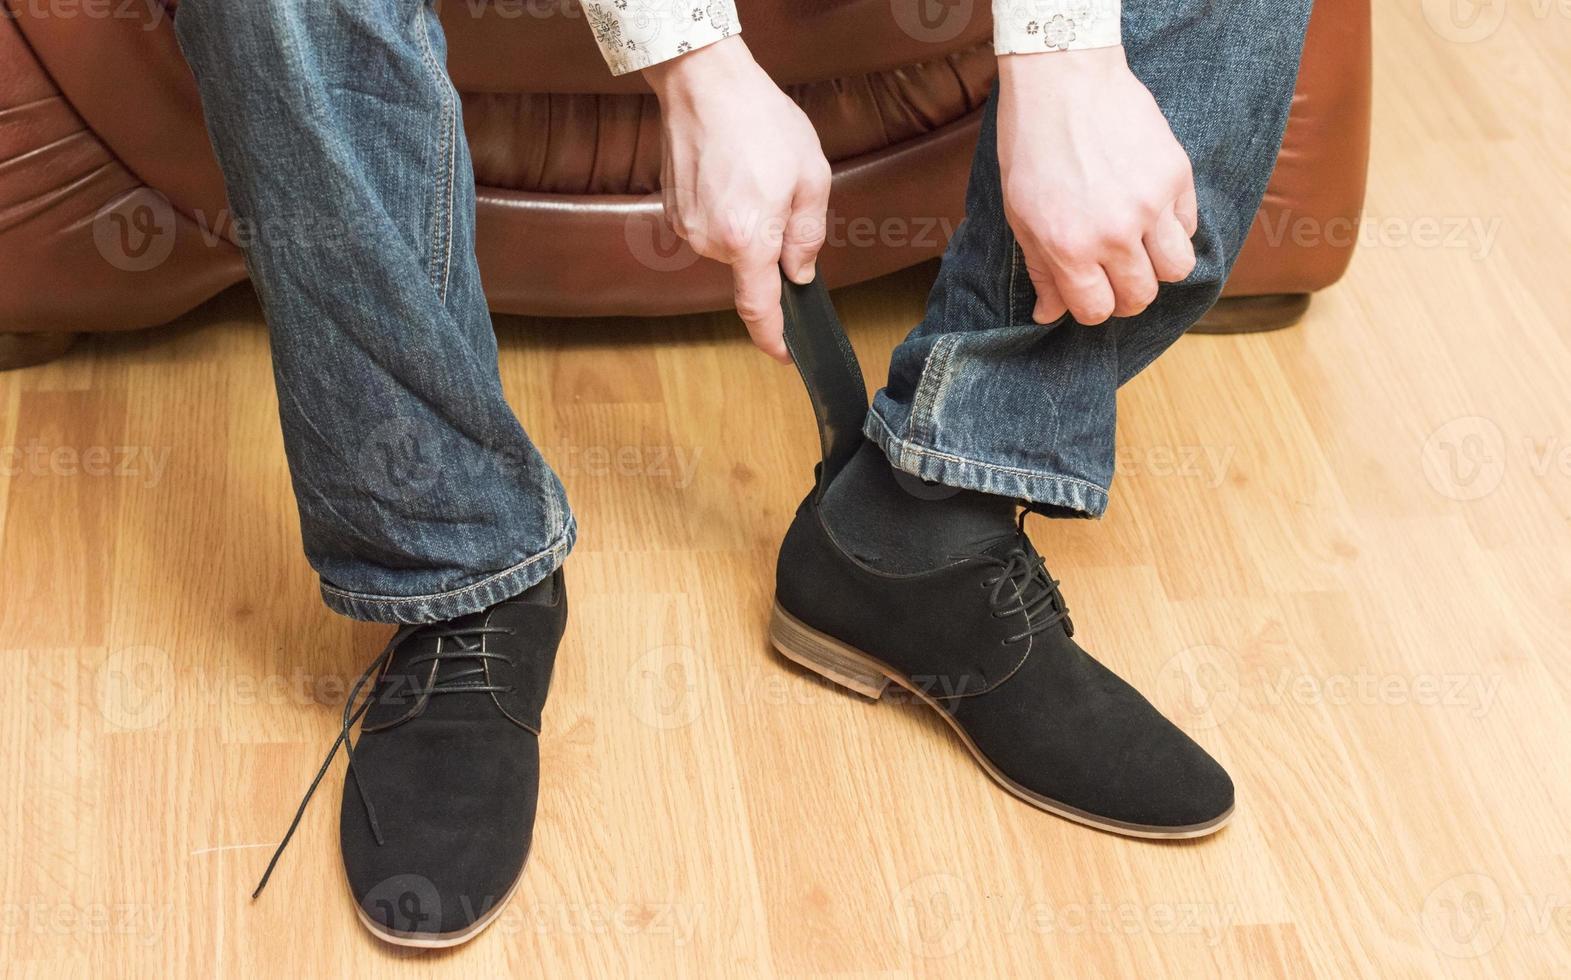 het proces van het dragen van zwarte suède schoenen foto